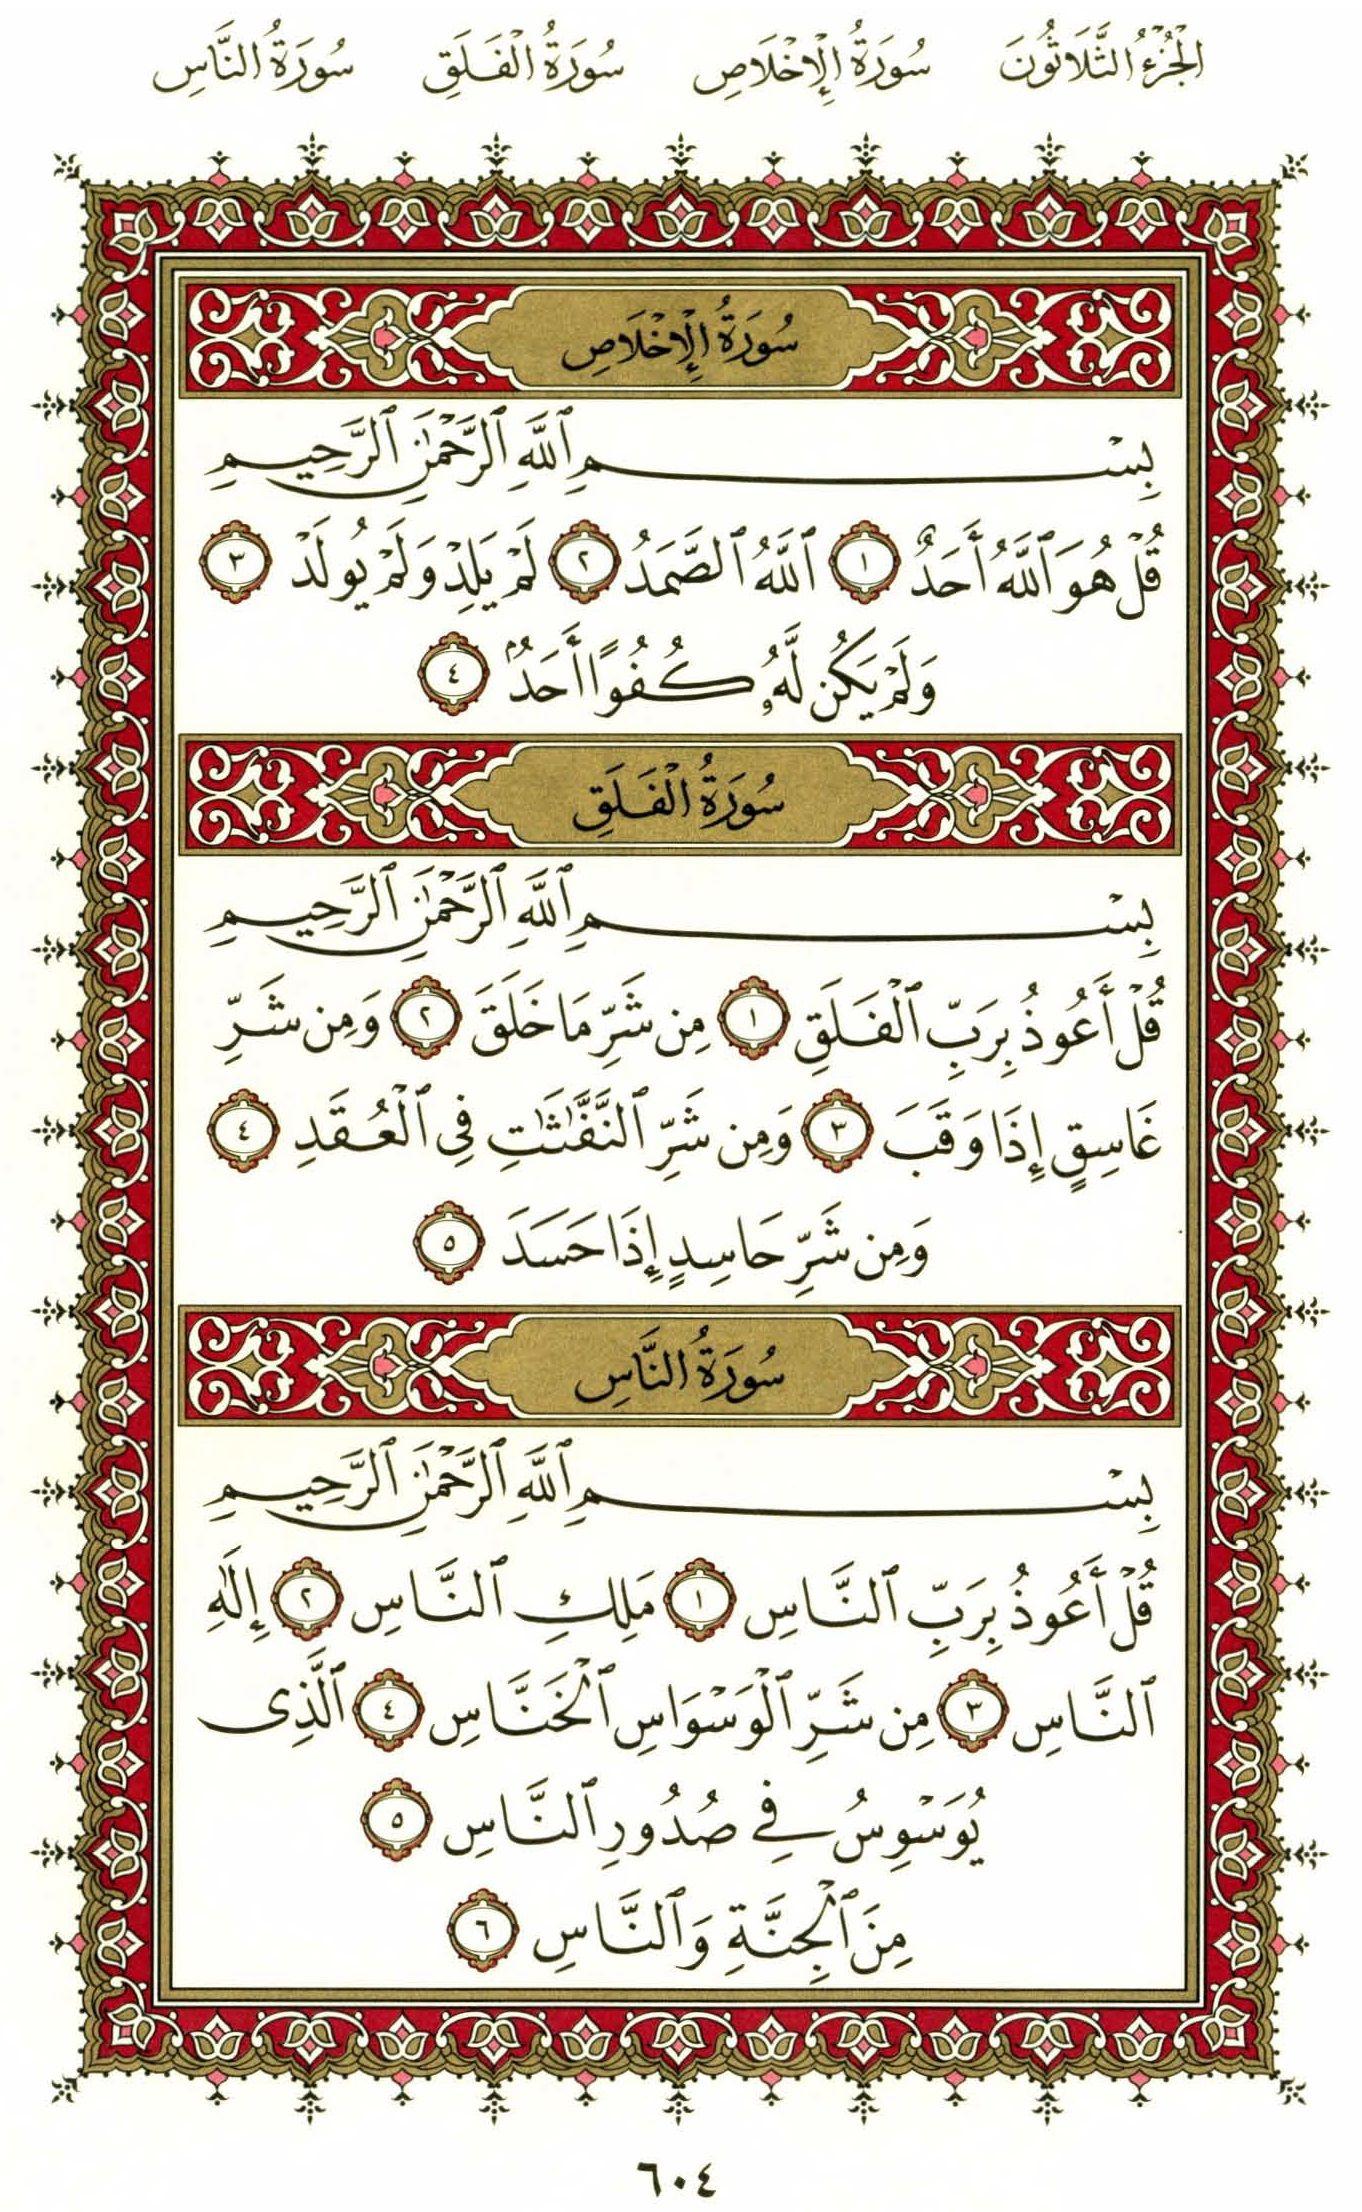 سورة الإخلاص سورة الفلق سورة الناس Quran Verses Islamic Quotes Verses